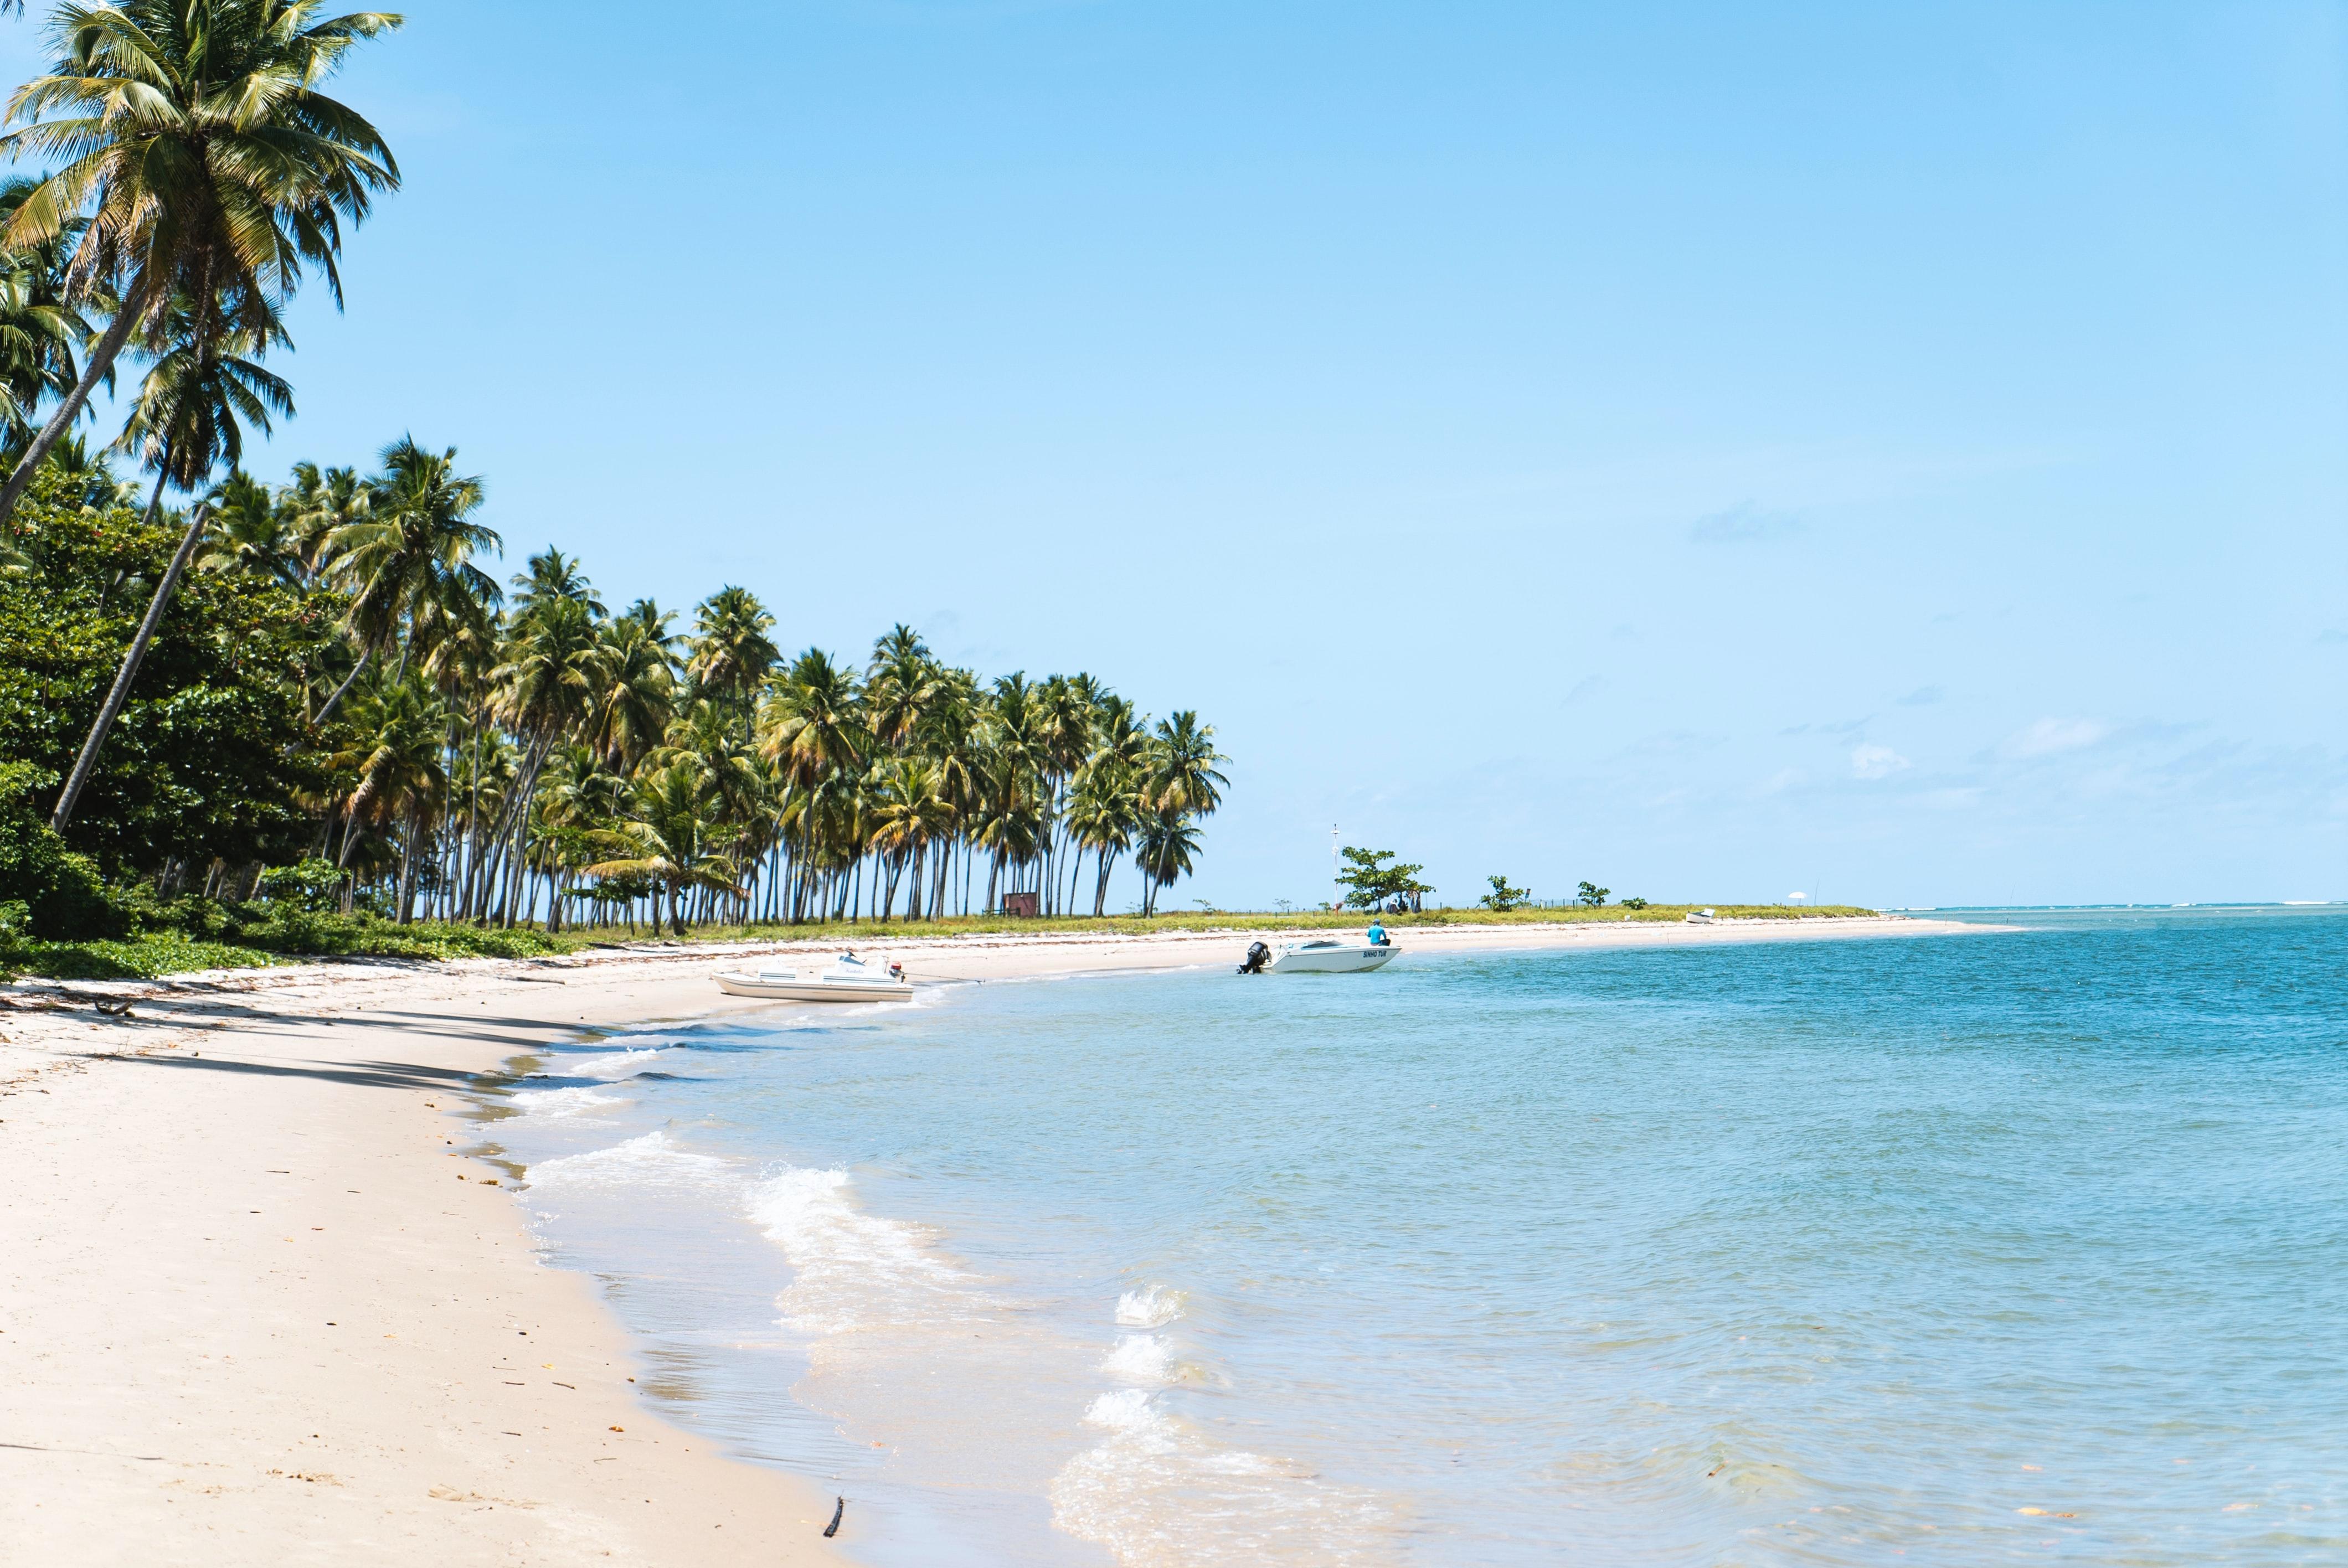 Praia paradisíaca em Pernambuco é opção para feriado do fim de ano.